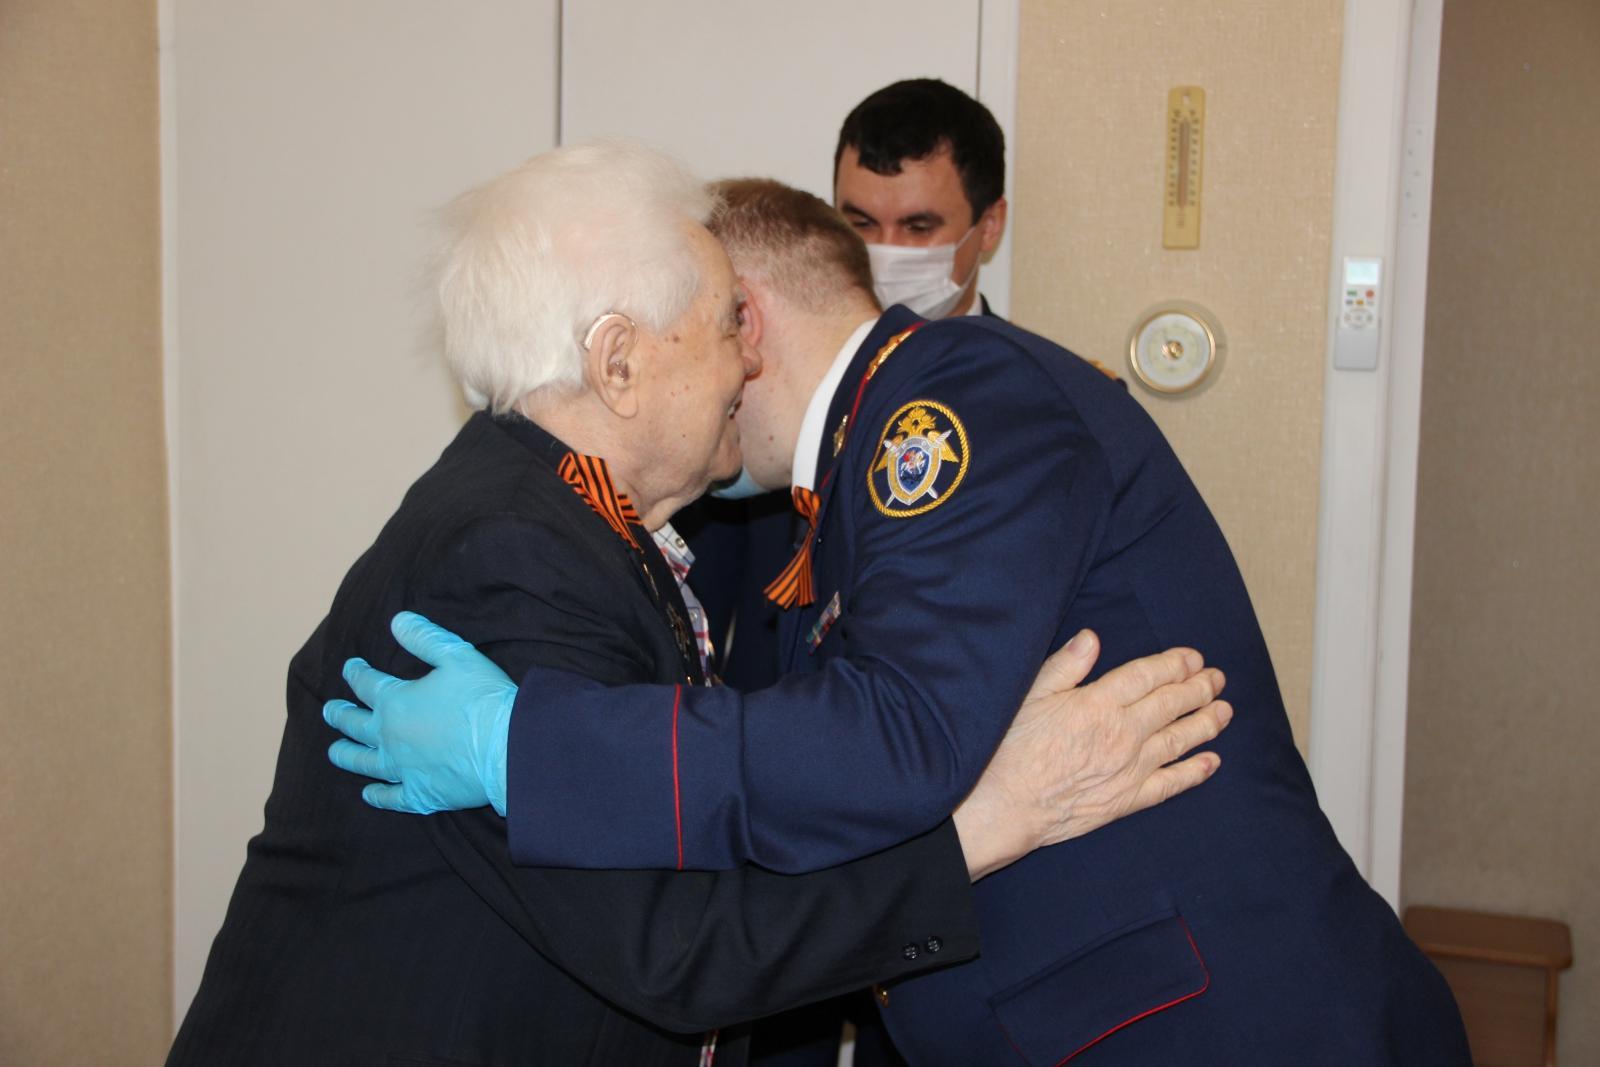 фото Сотрудники следственного управления Новосибирска поздравили ветерана Великой Отечественной войны с Днём Победы 4